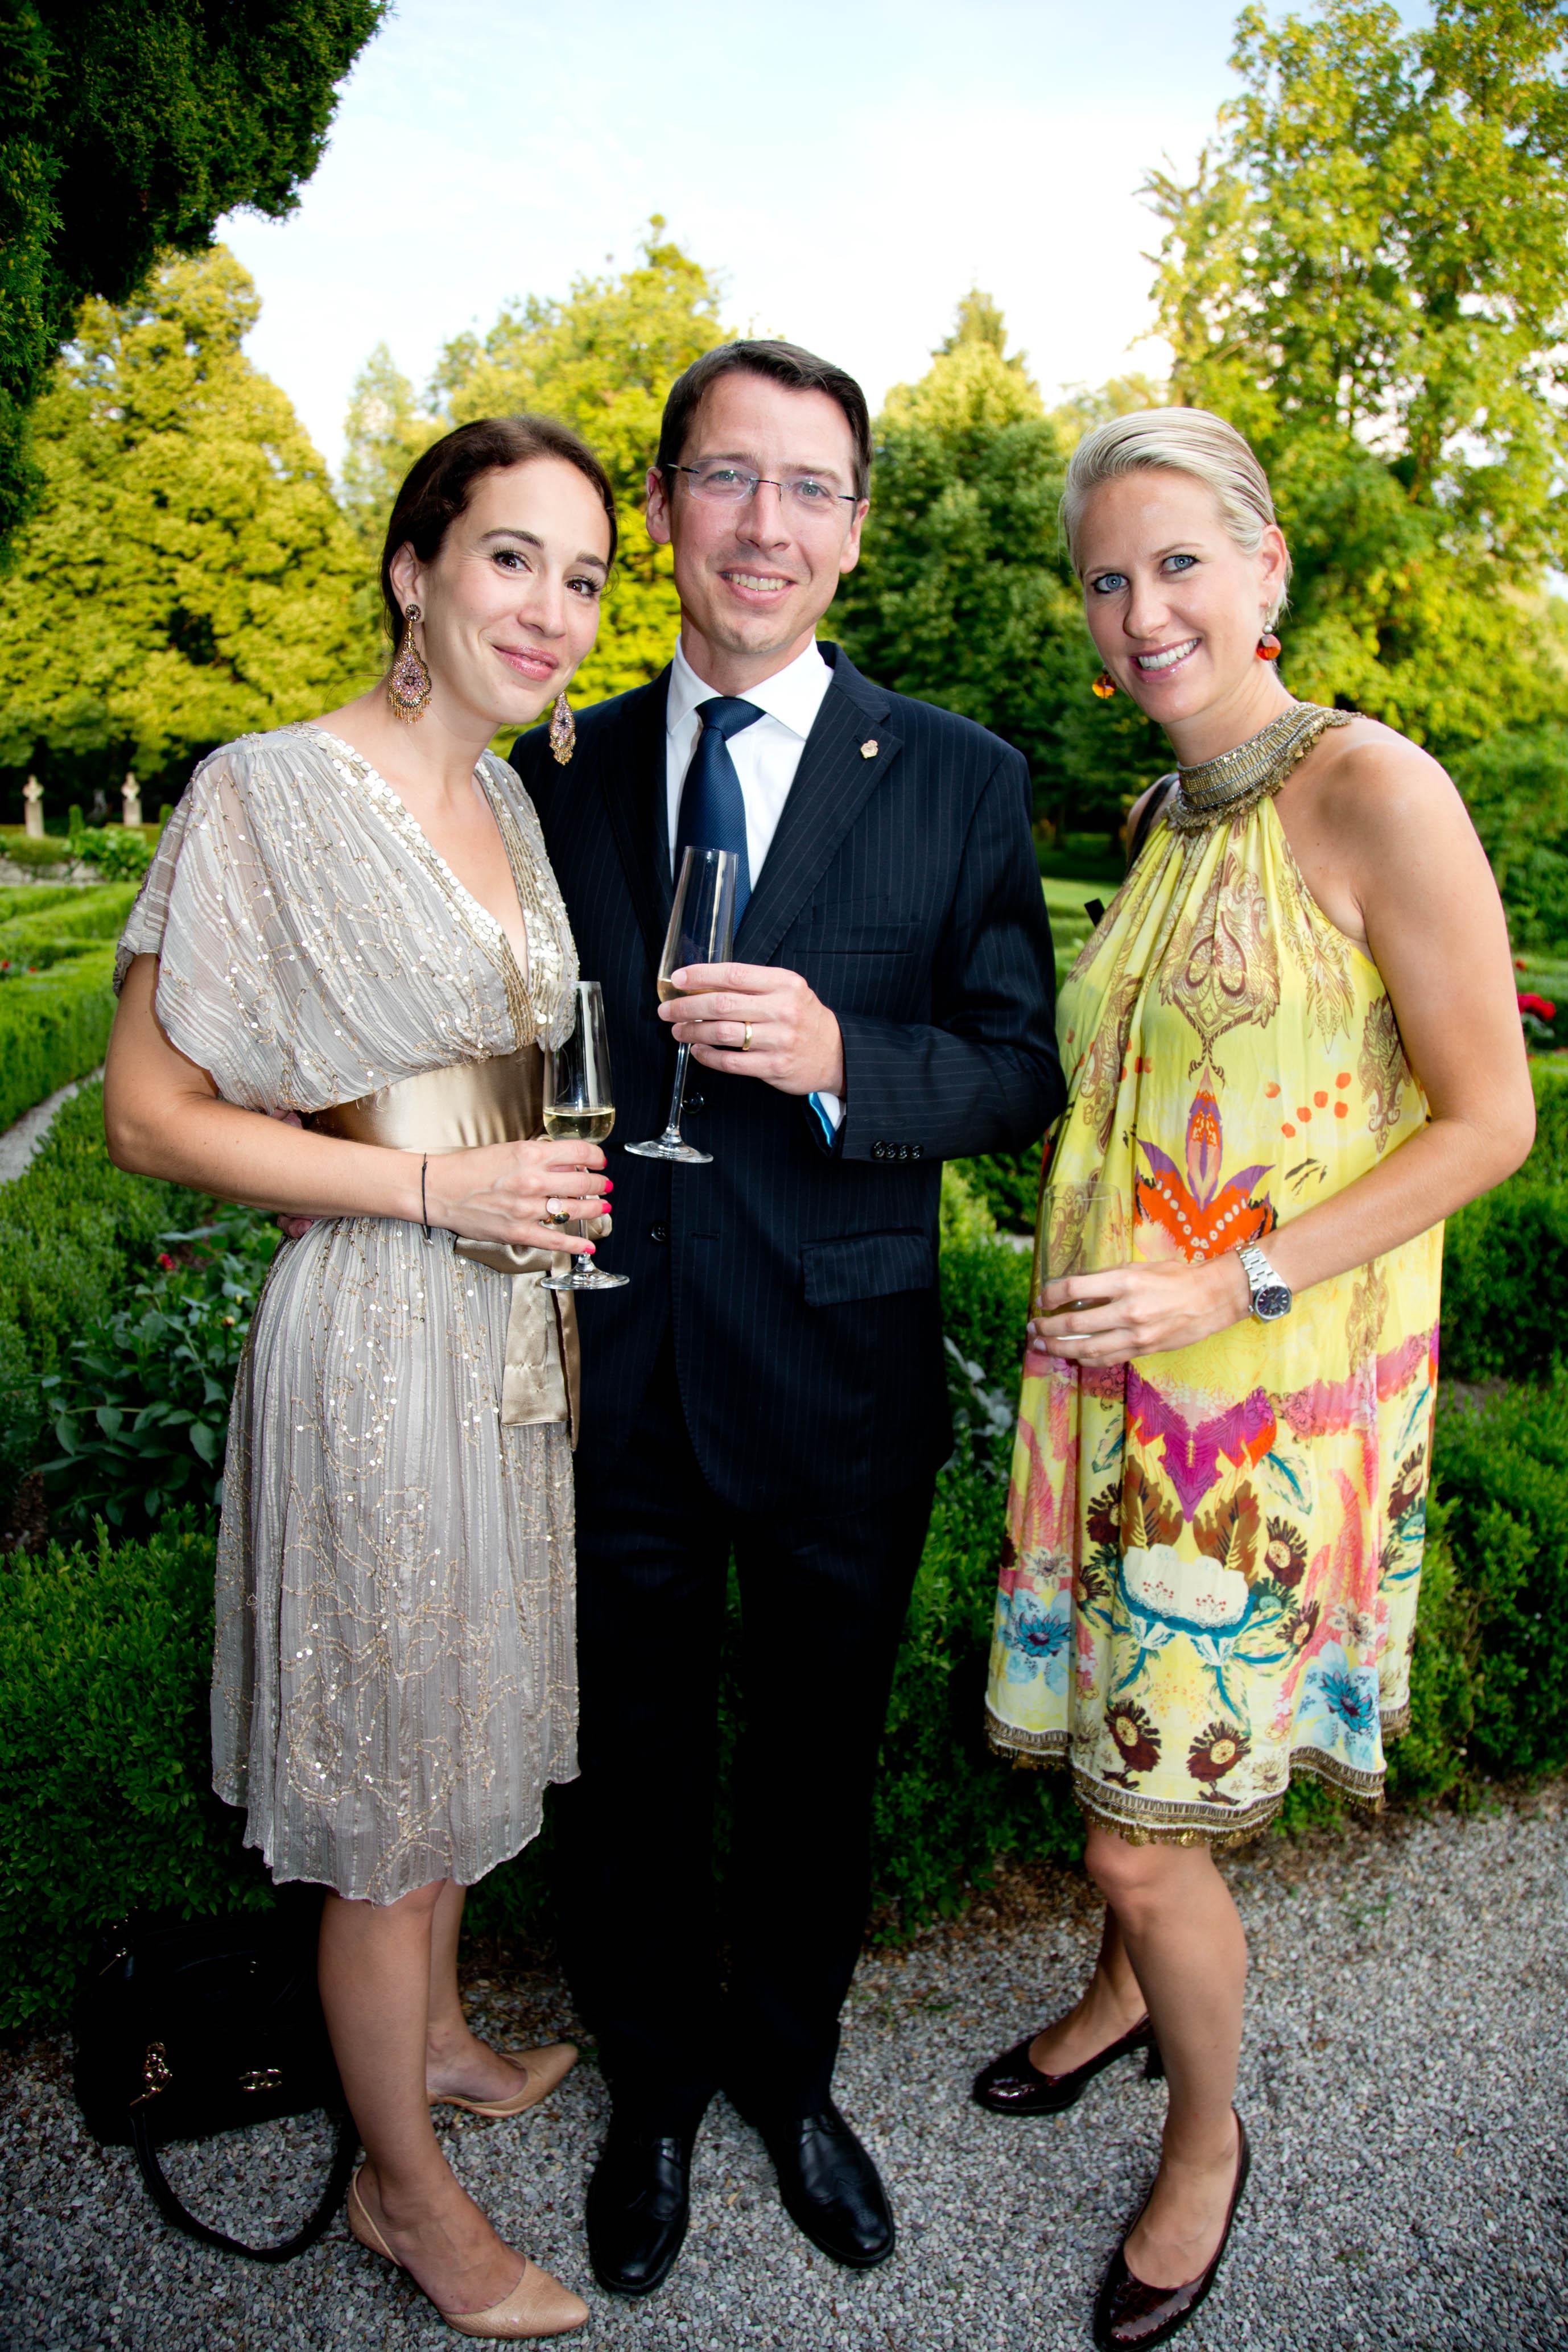 Goldener Hirsch GF Wolfgang Putz mit Gattin und Kathi Schneider, Manufaktur Habsburg